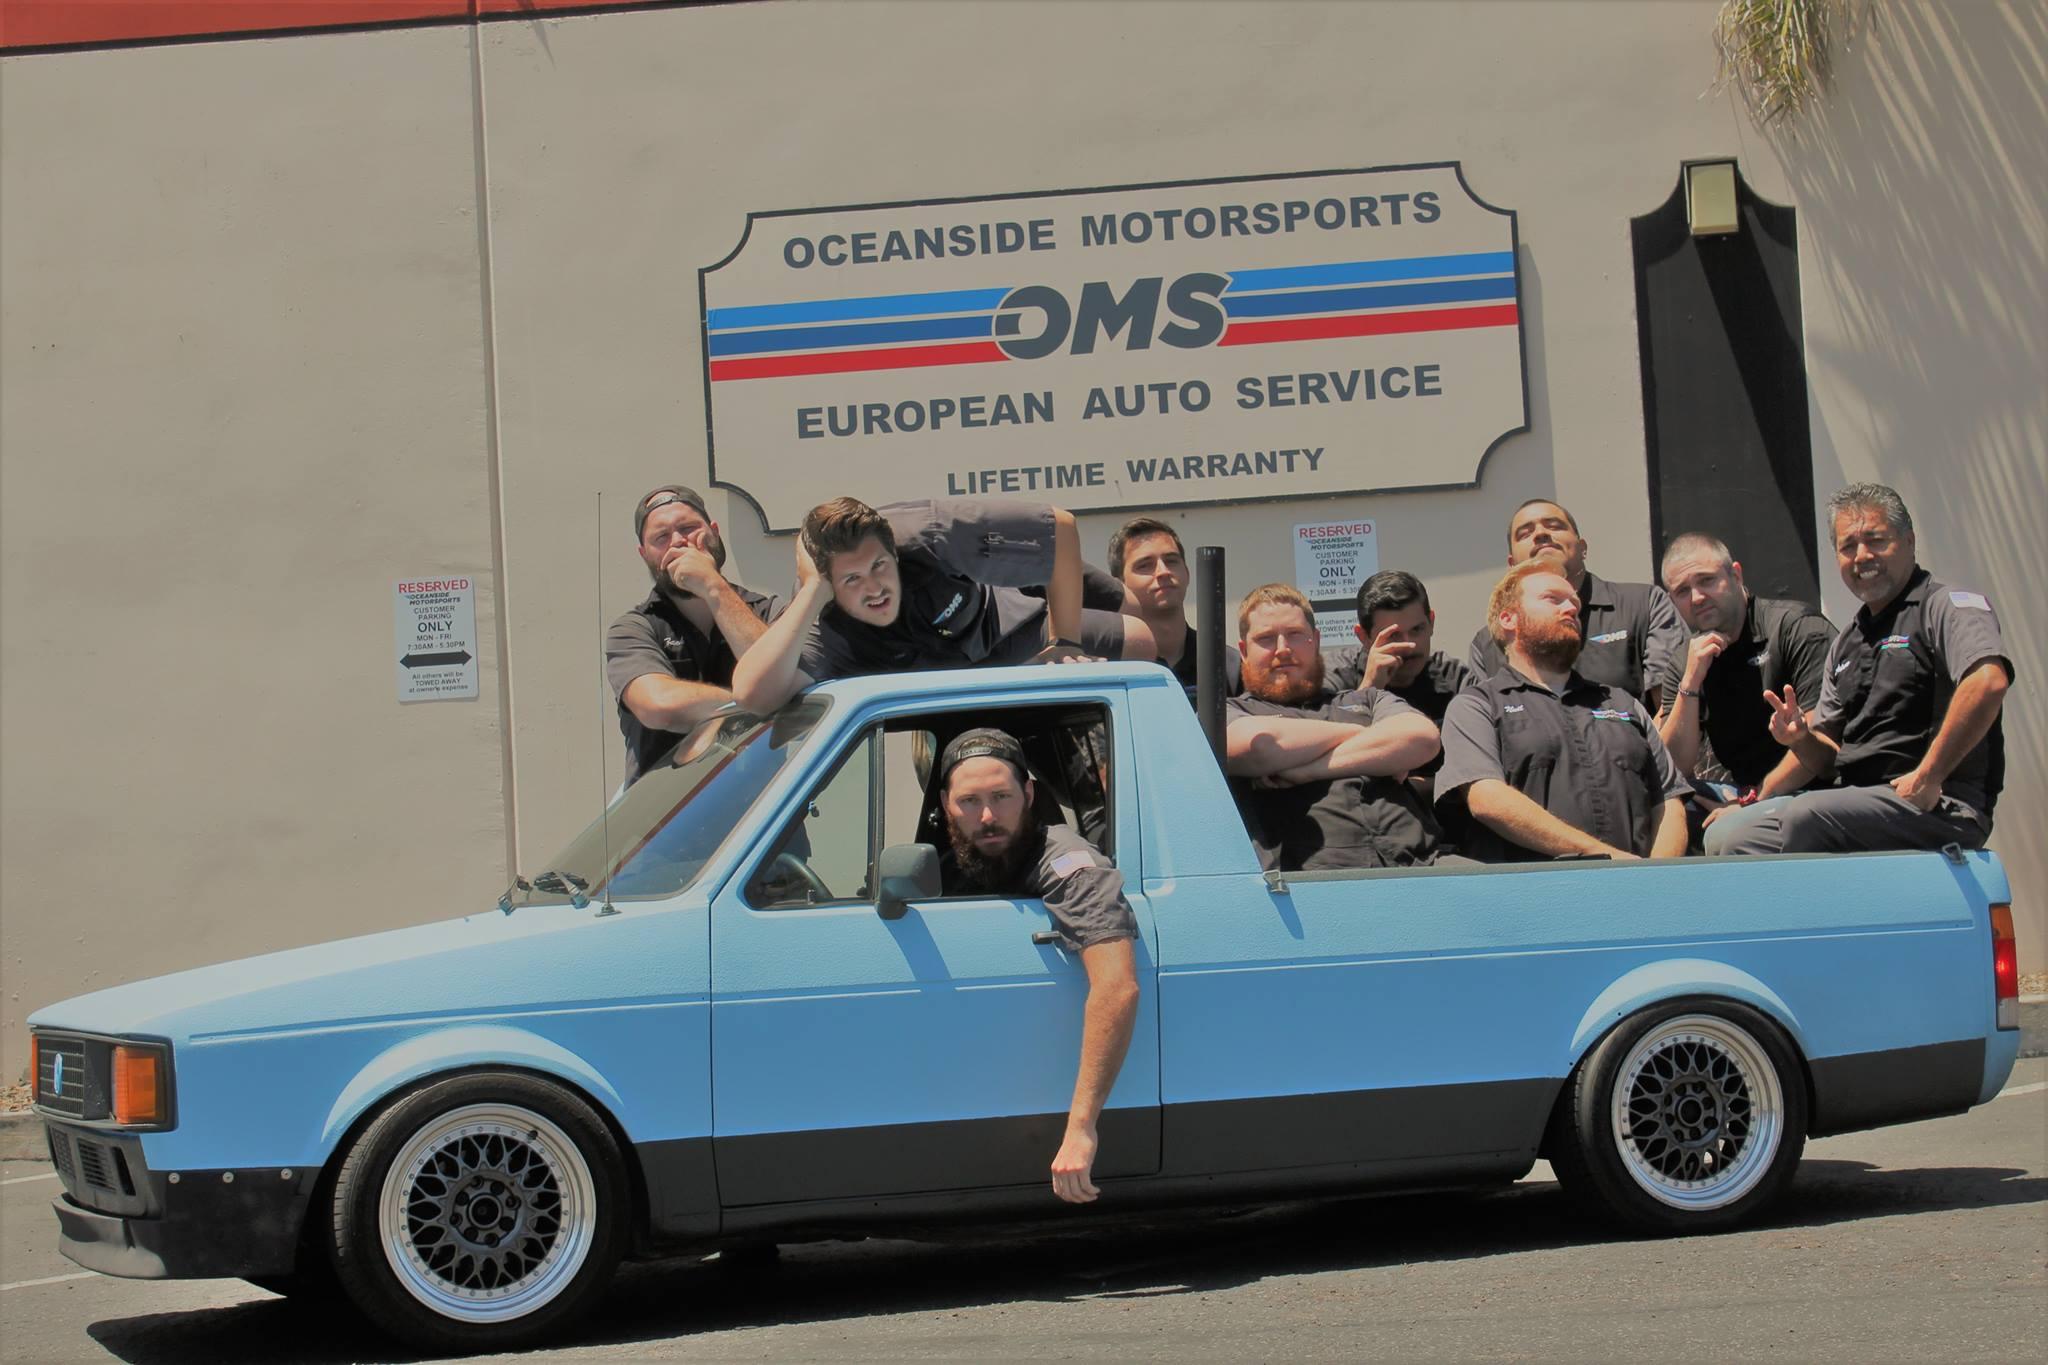 OMS-Oceanside-Motorsports